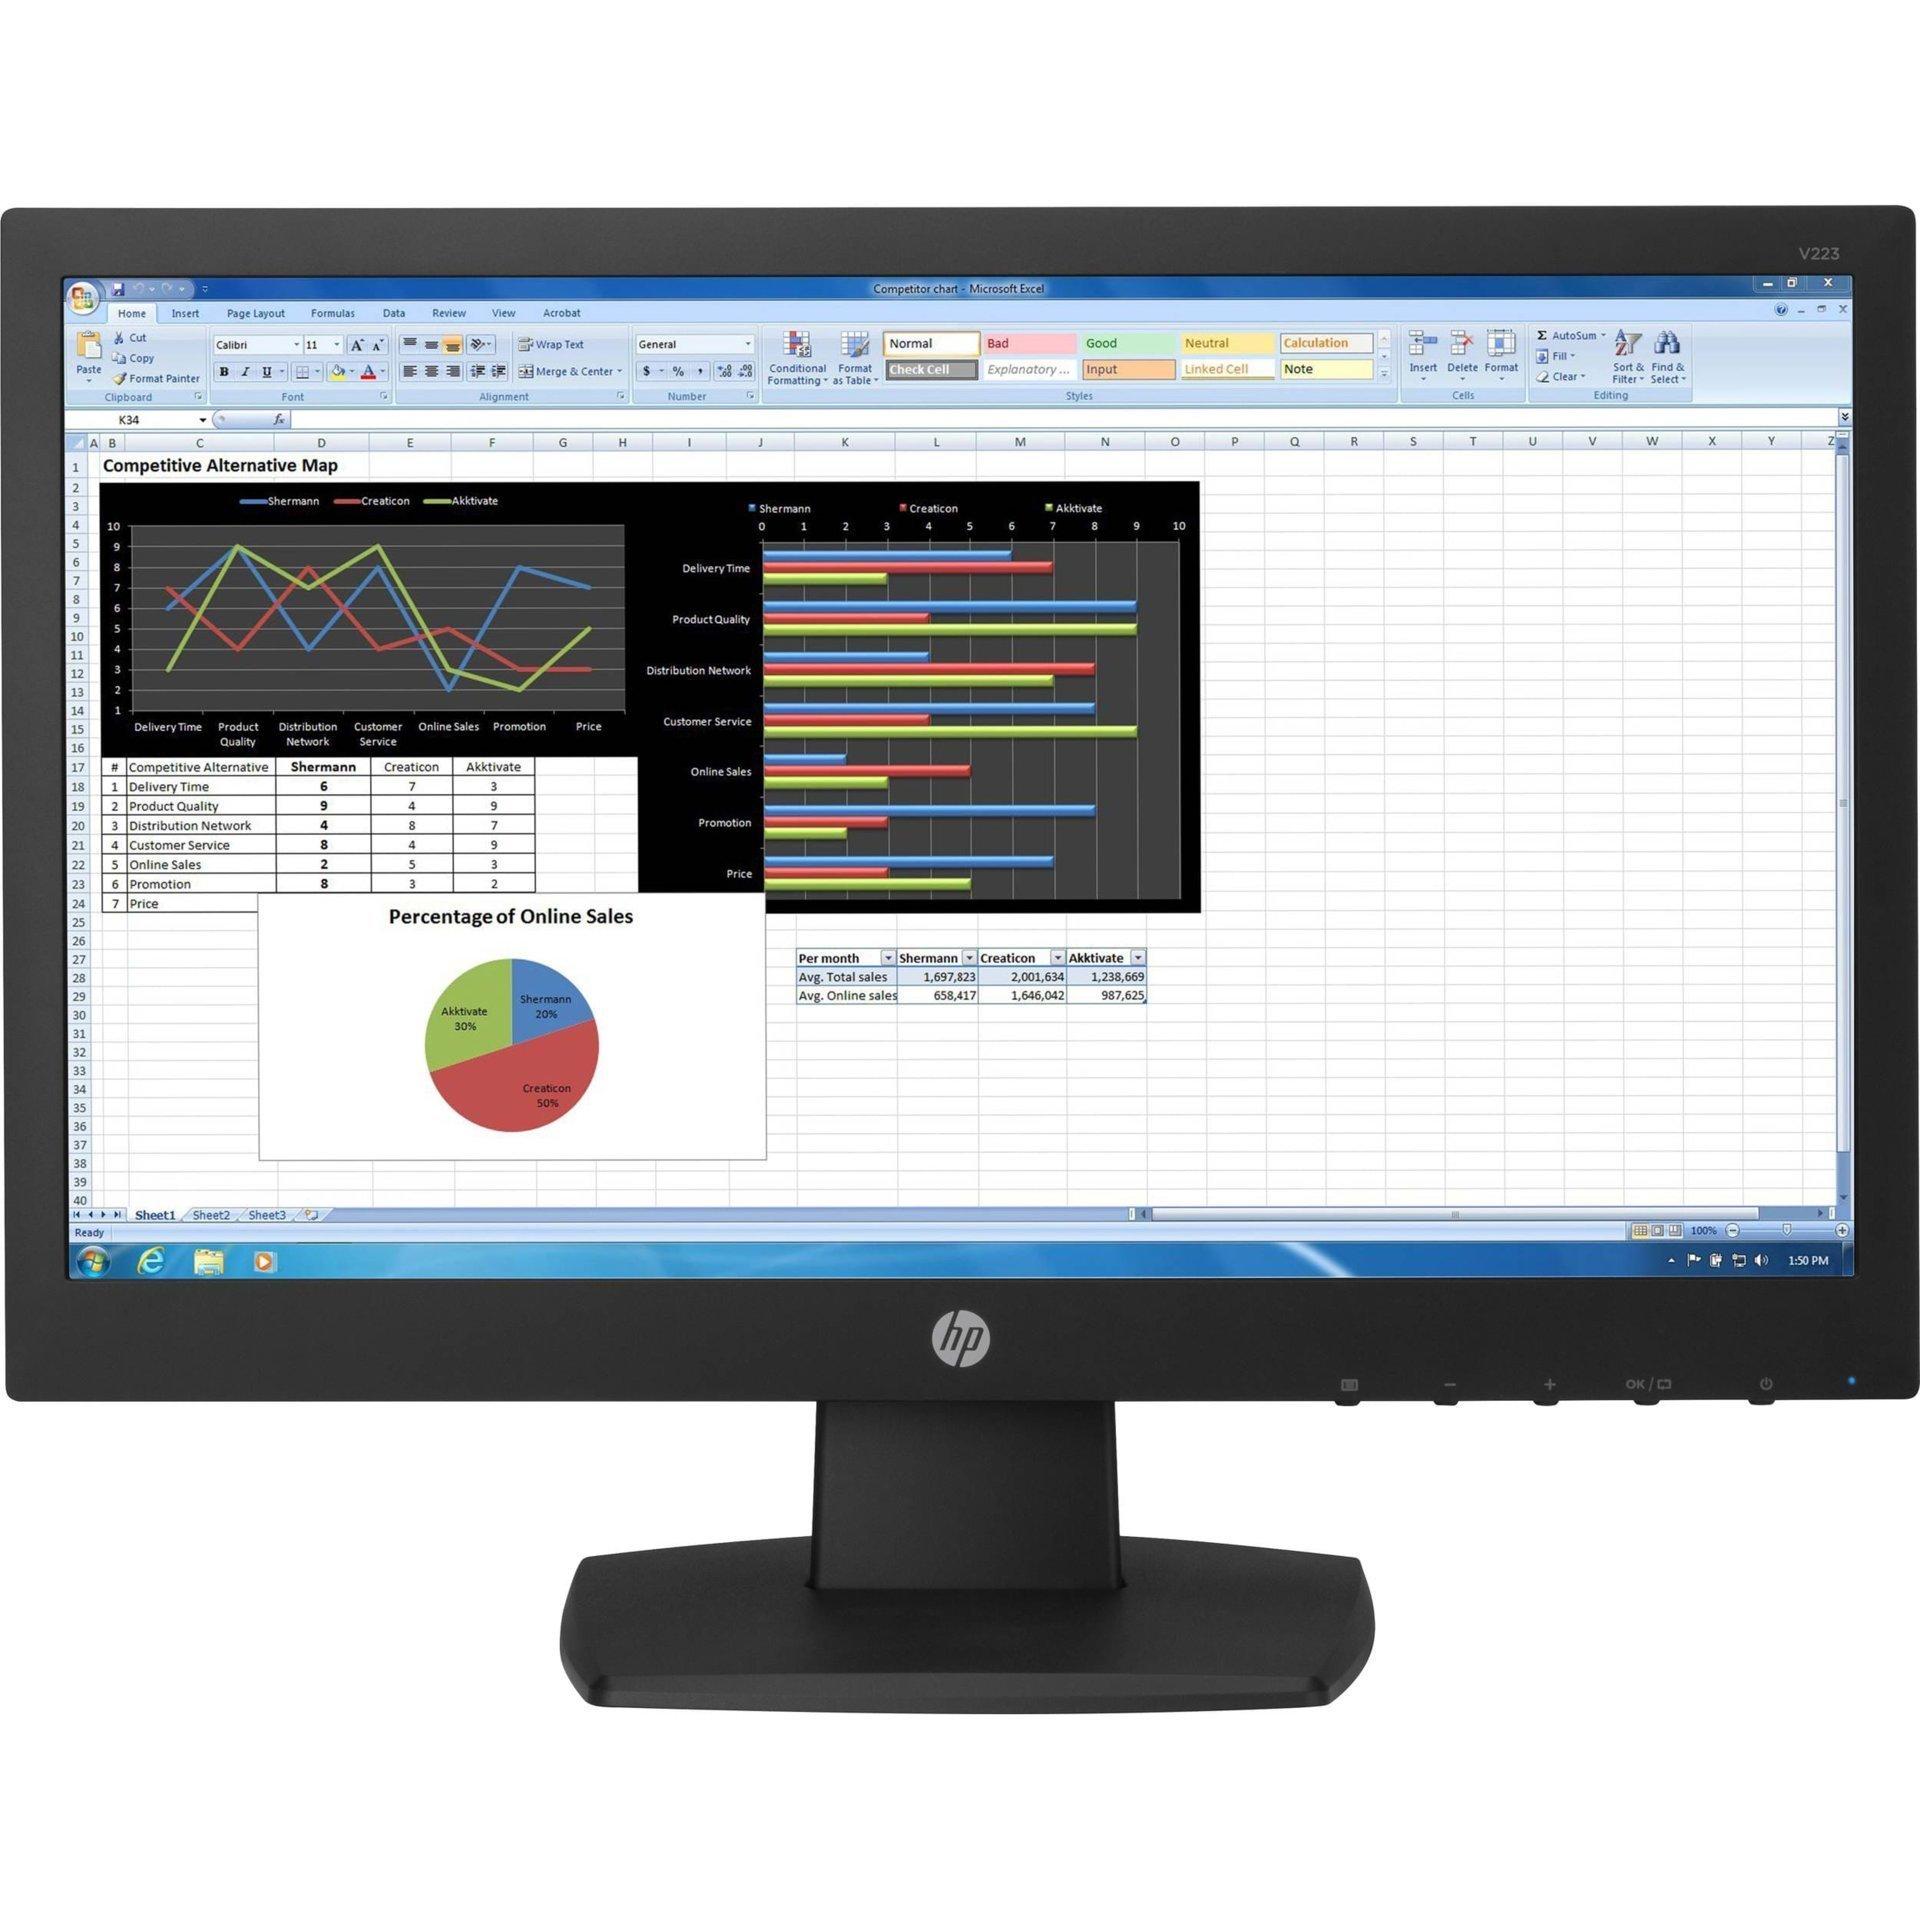 VENTA Y DISTRIBUCIÓN DE PRODUCTOS HP - Monitores en Paysandú Uruguay